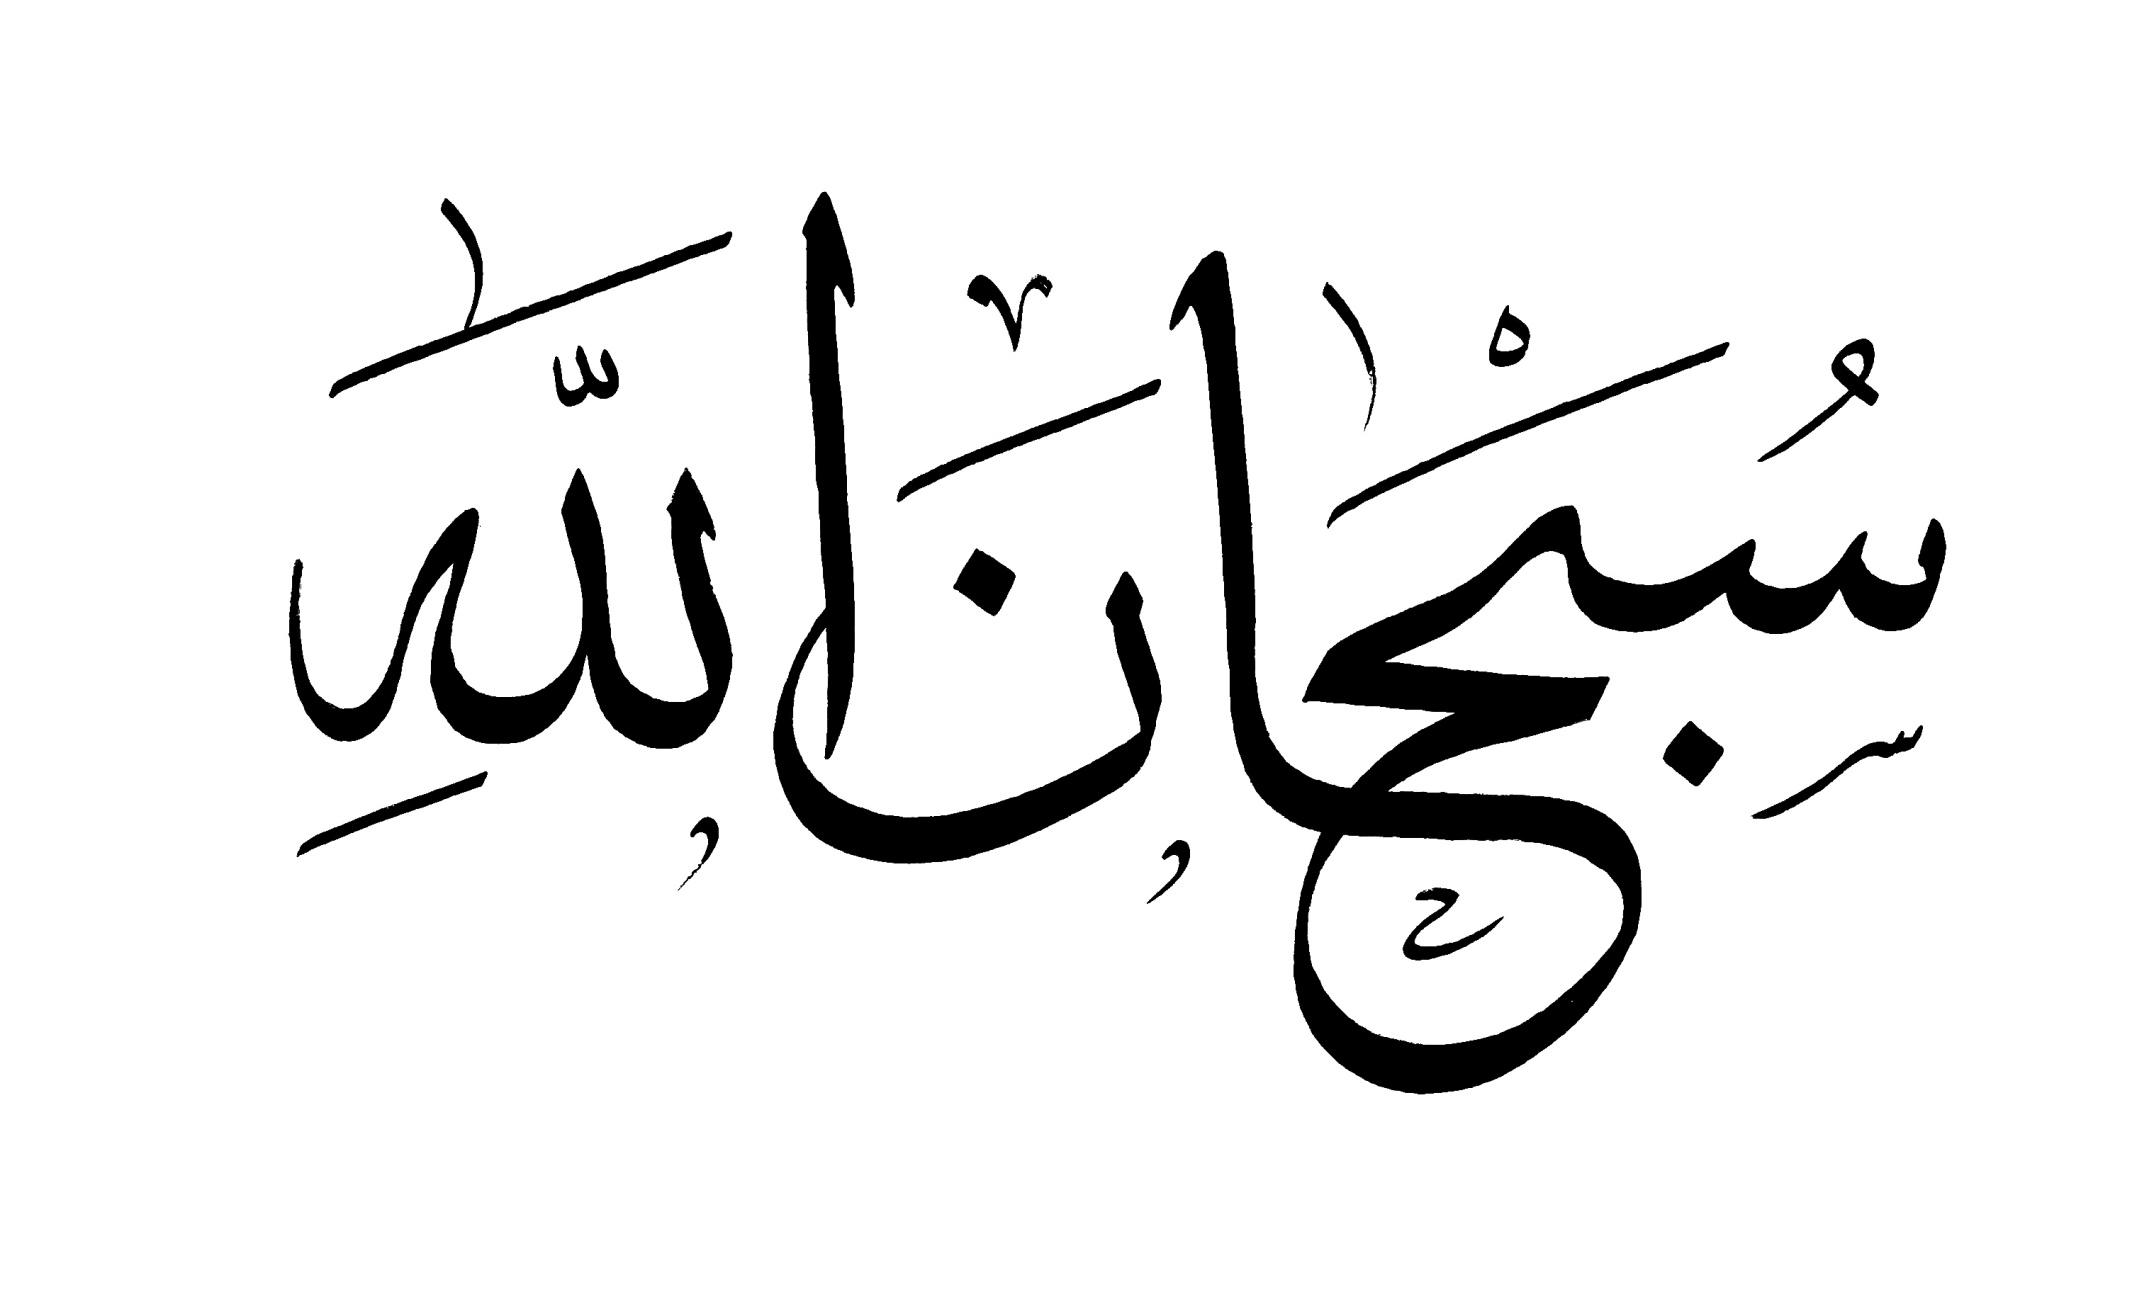 تعليم العقيدة الاسلامية للاجانب